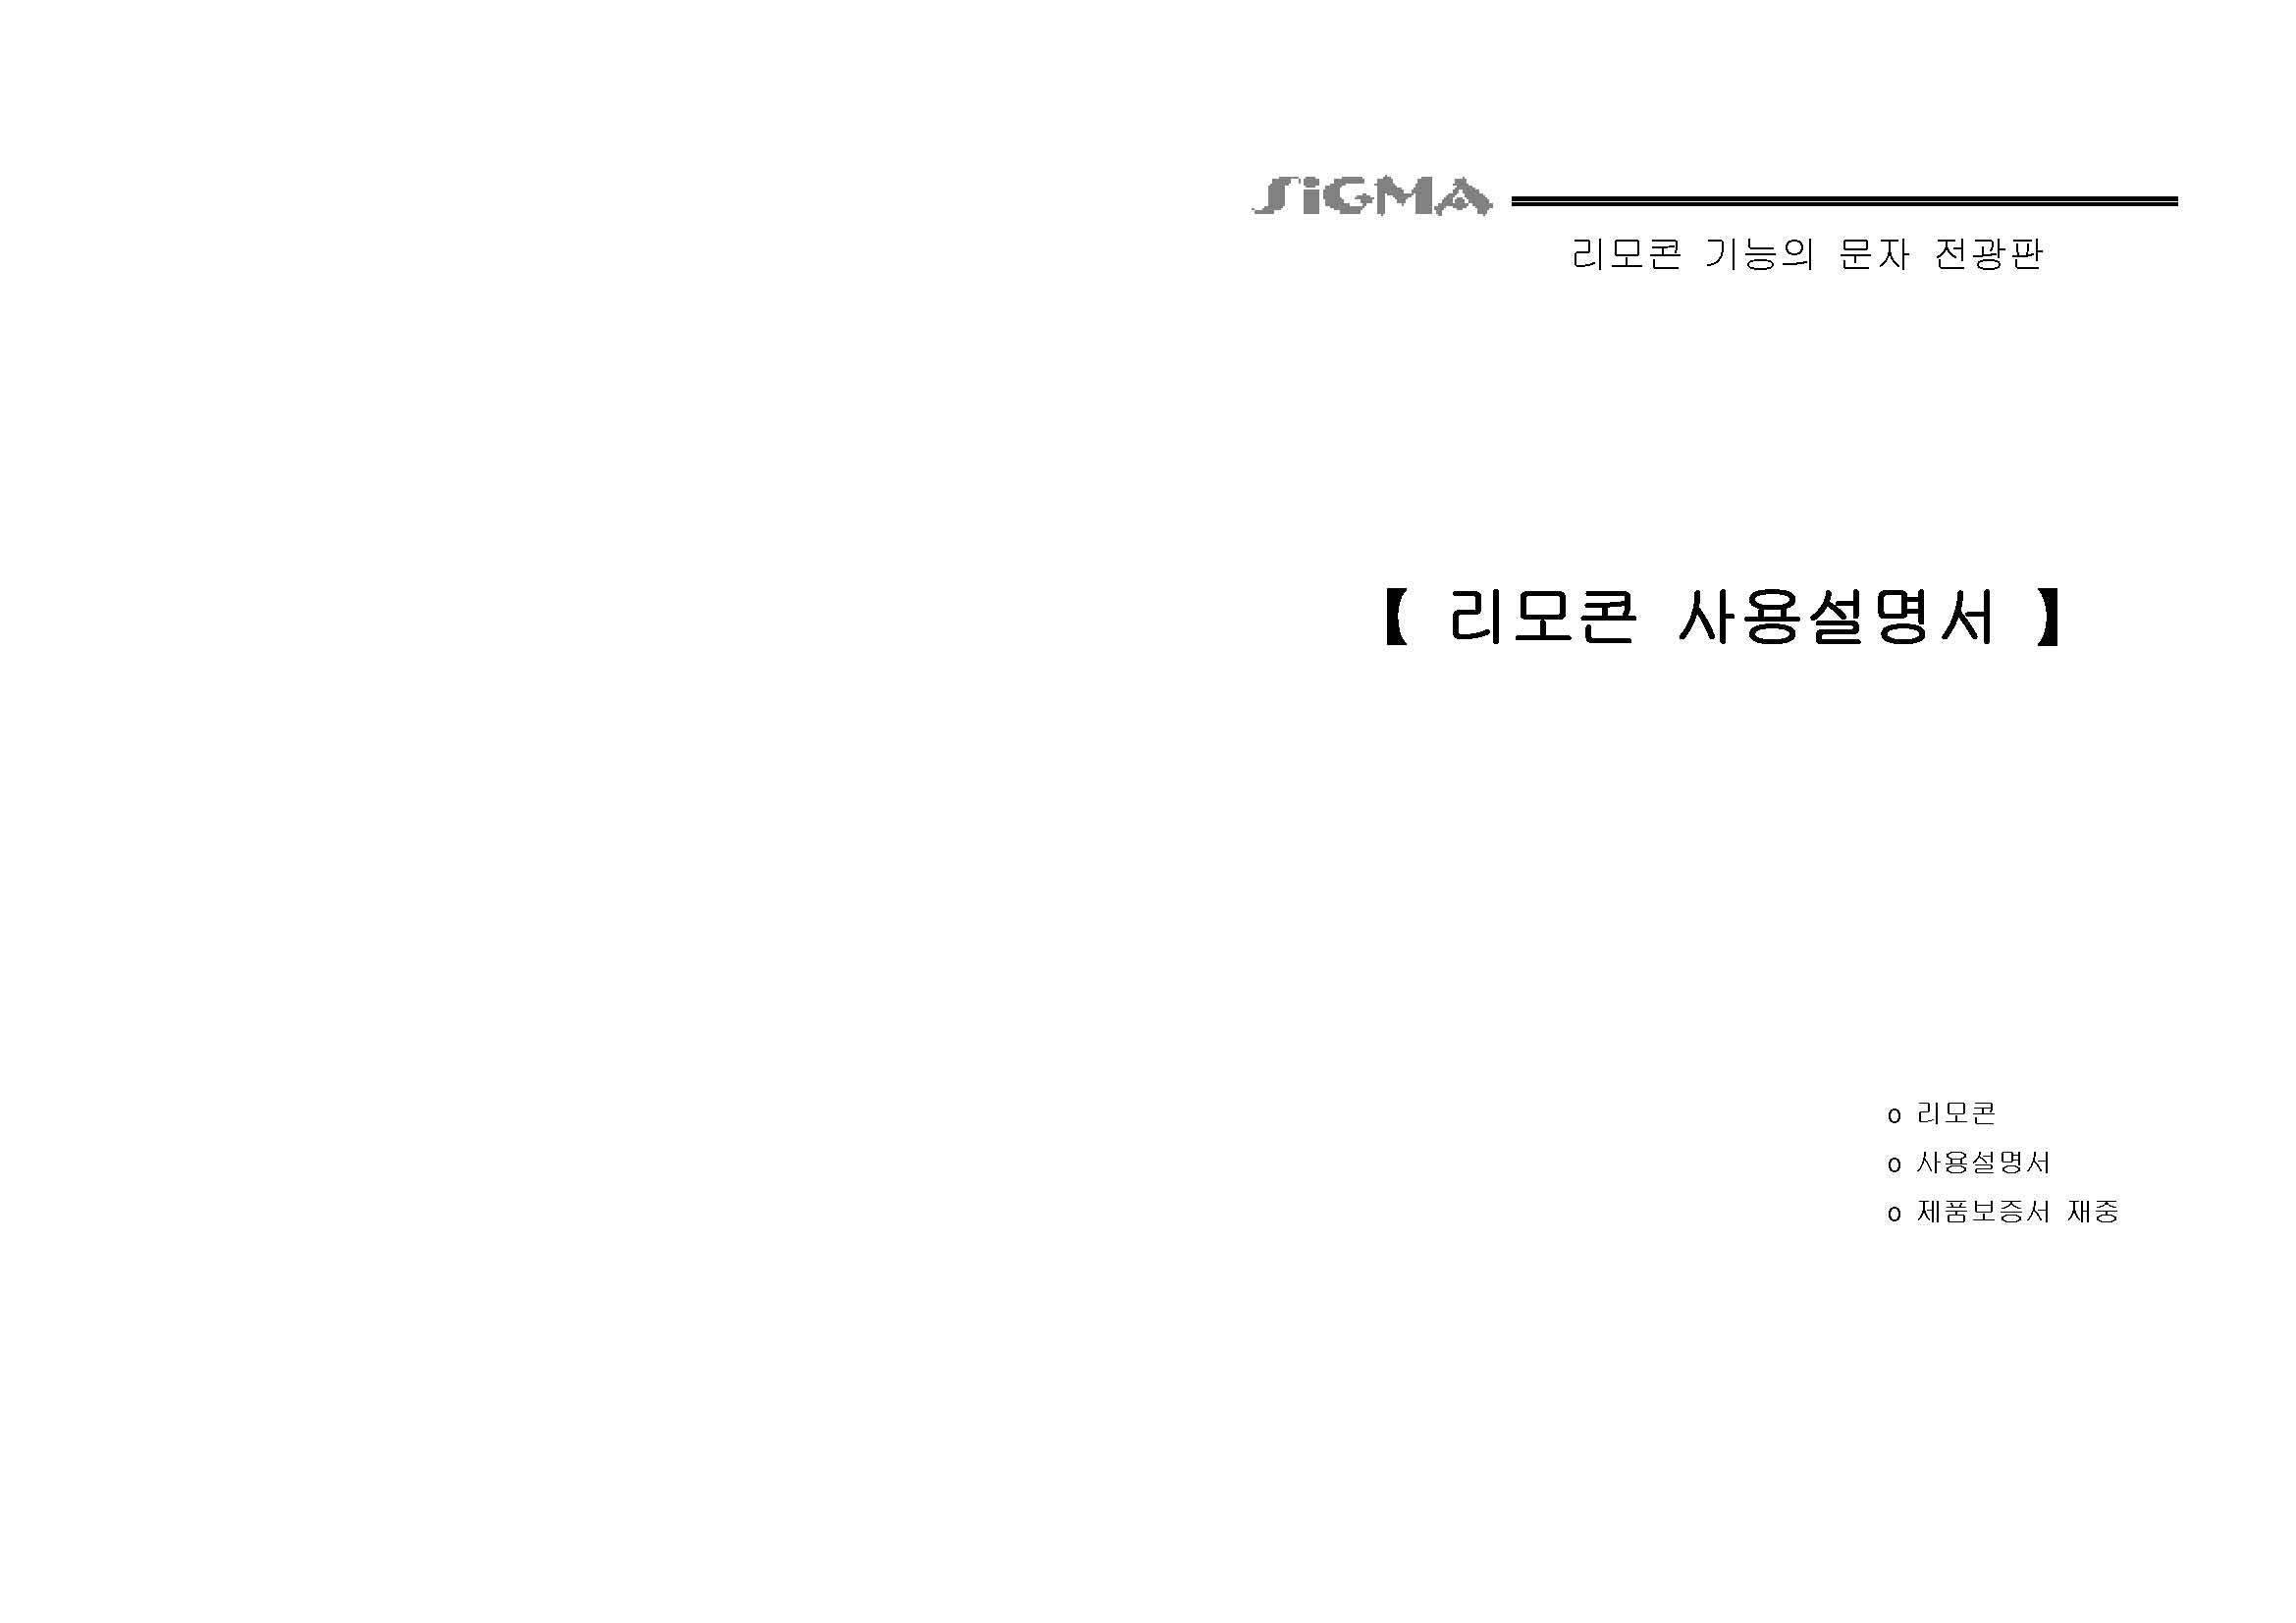 리모콘설명서_페이지_01.jpg